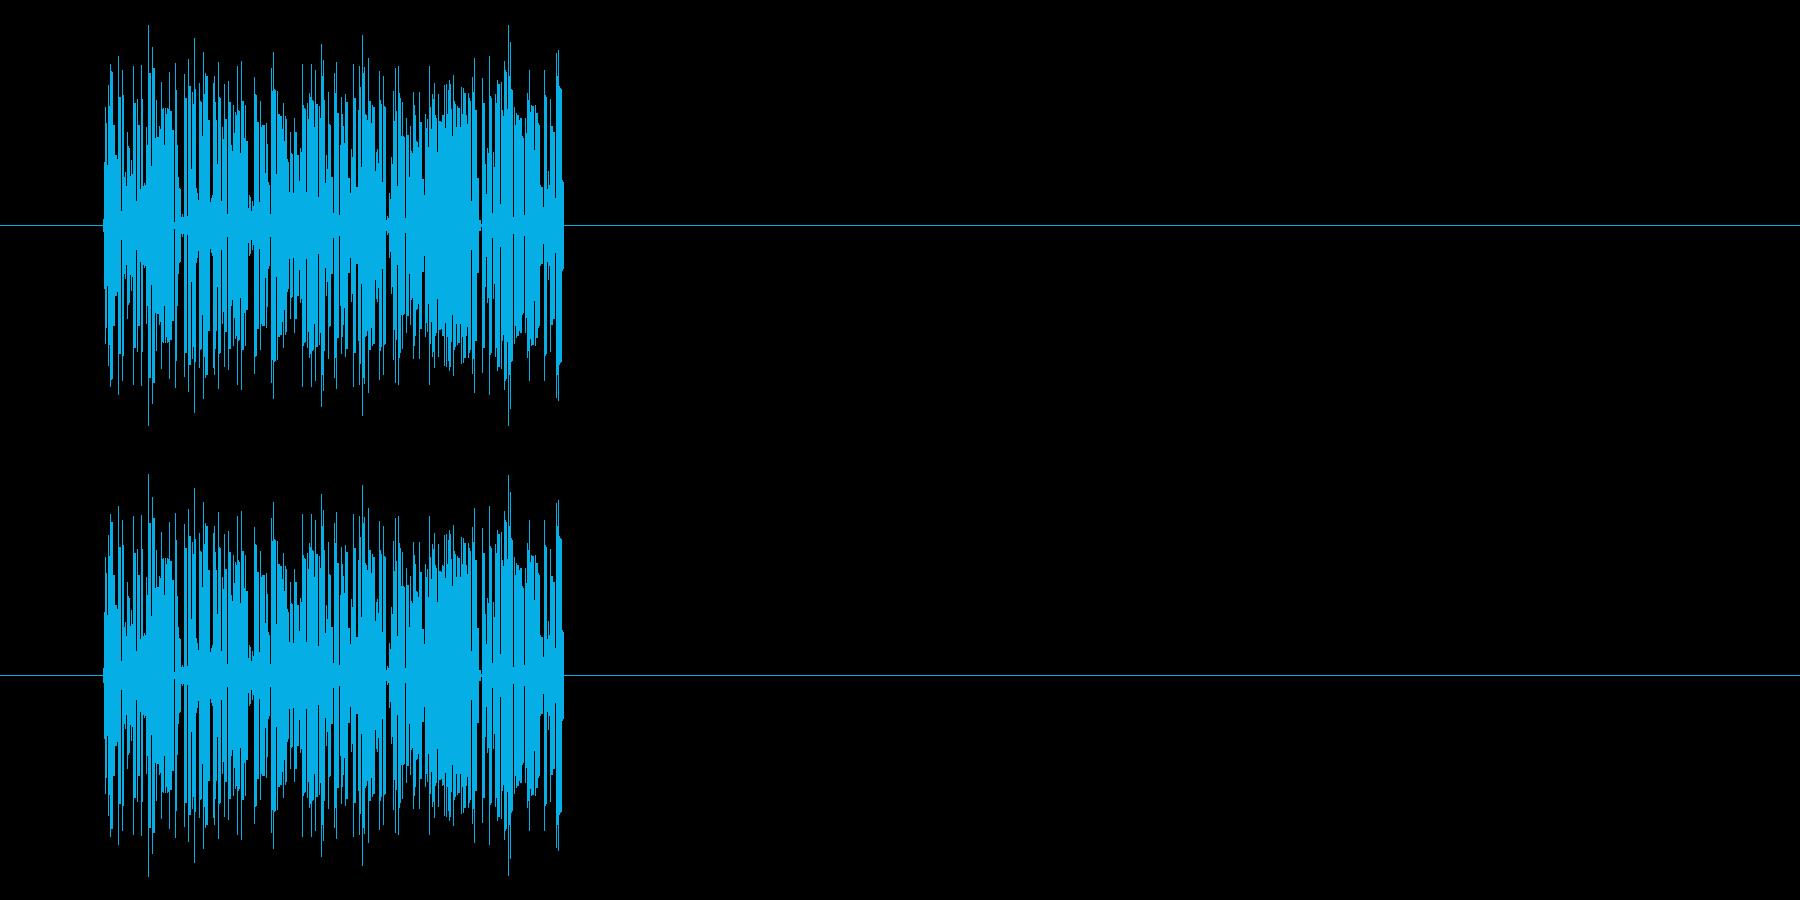 【NES RPG03-05(魔法 炎)】の再生済みの波形